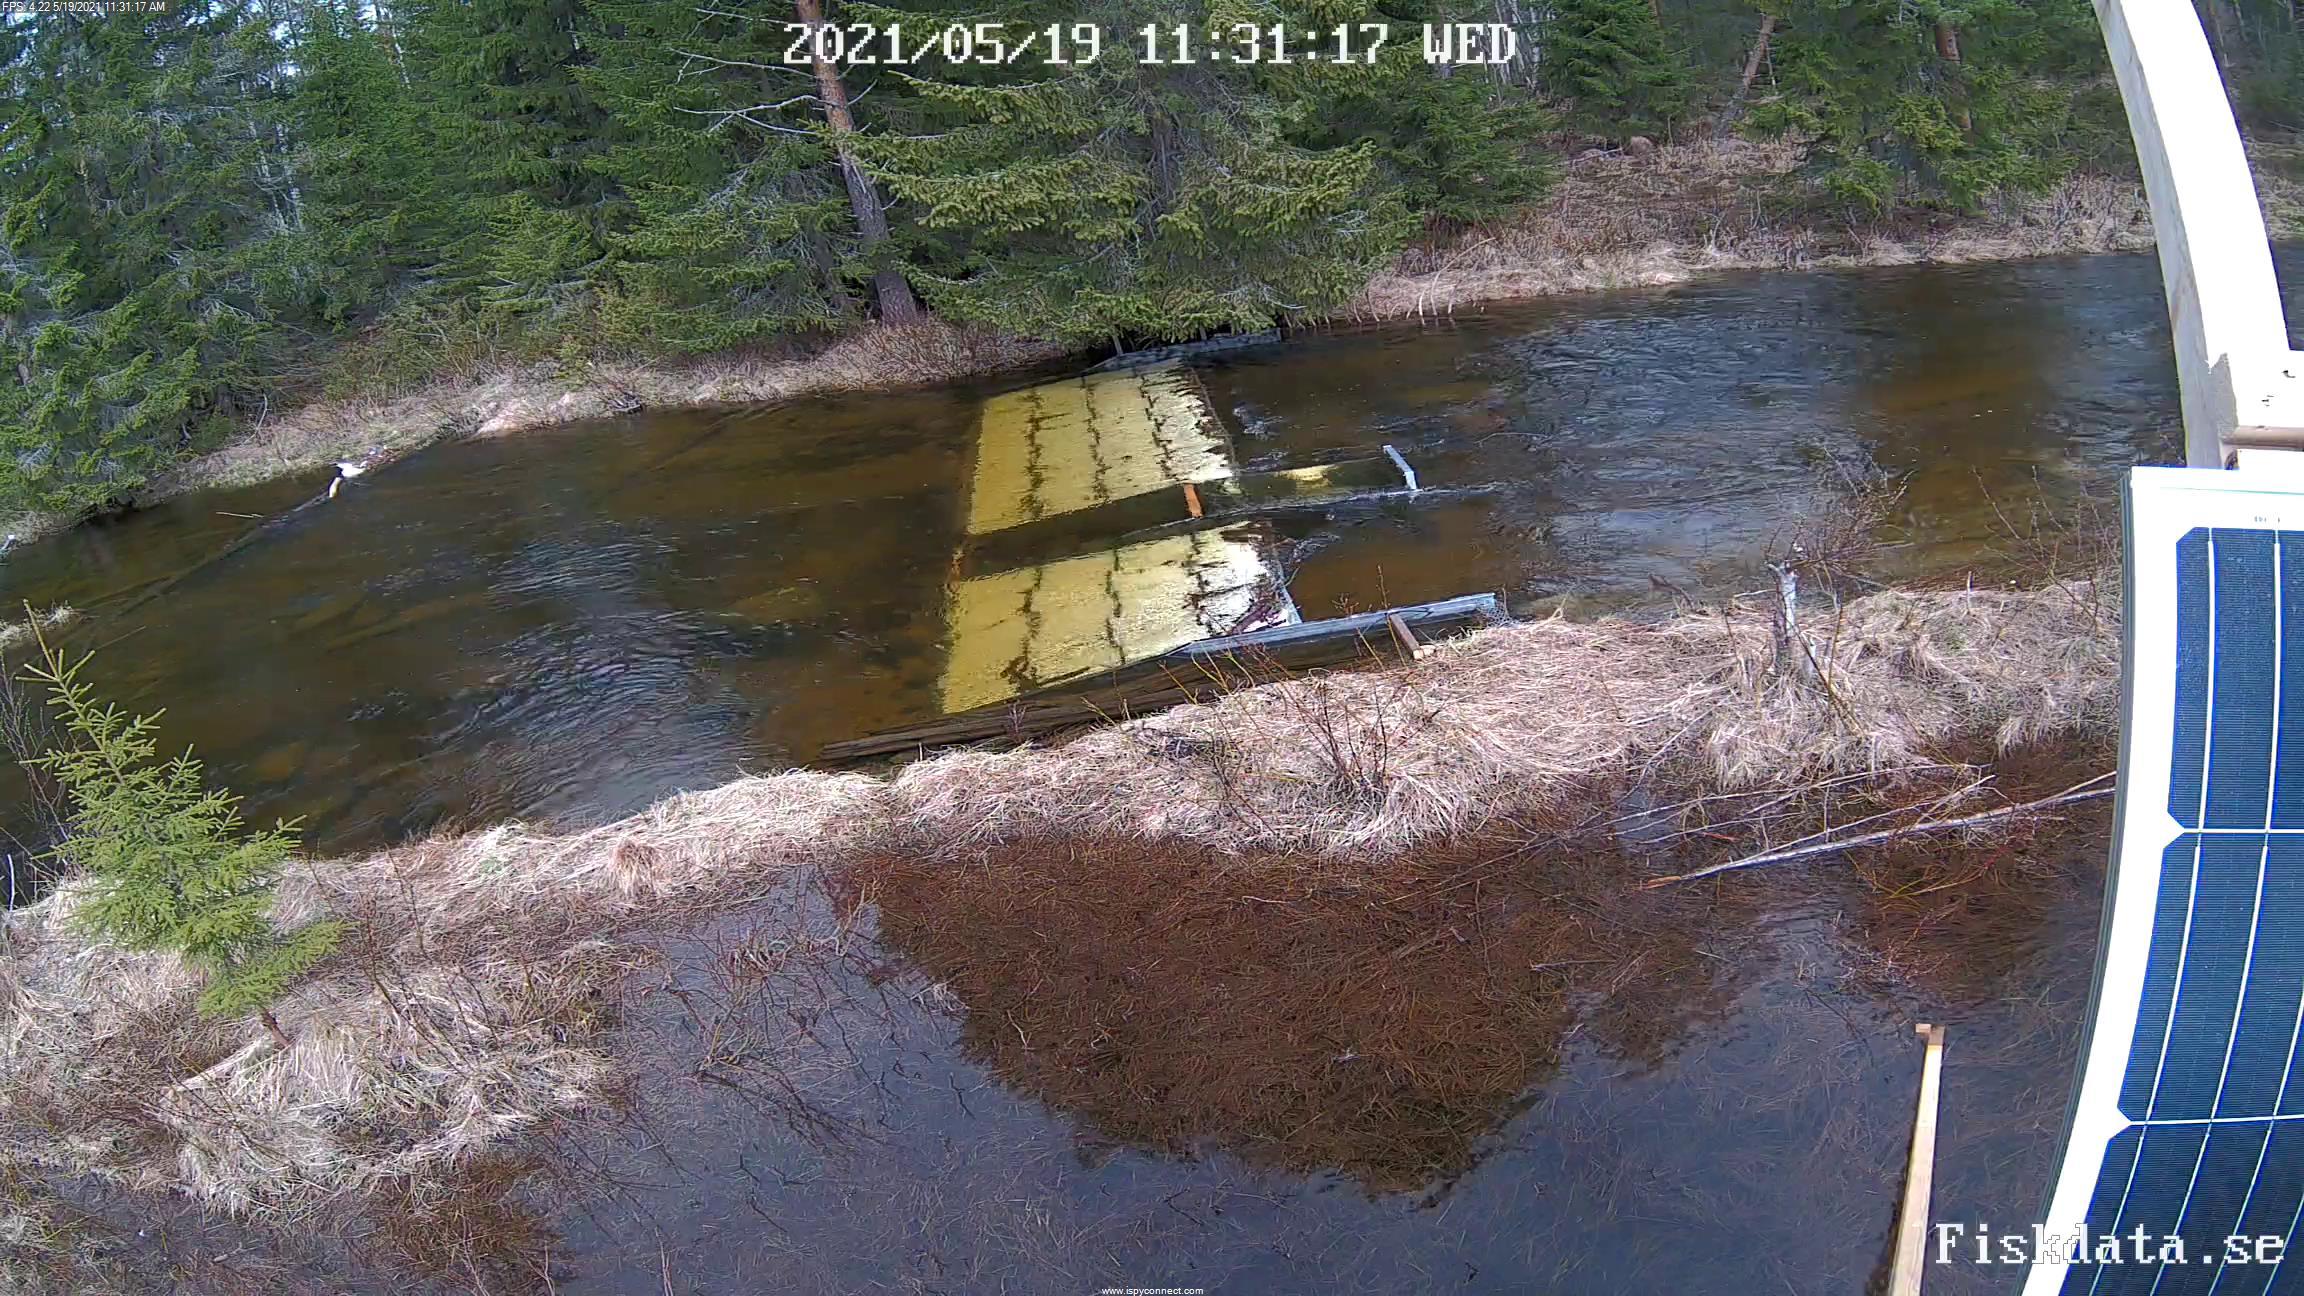 En fiskräknarinstallation som överblickas av en webbkamera